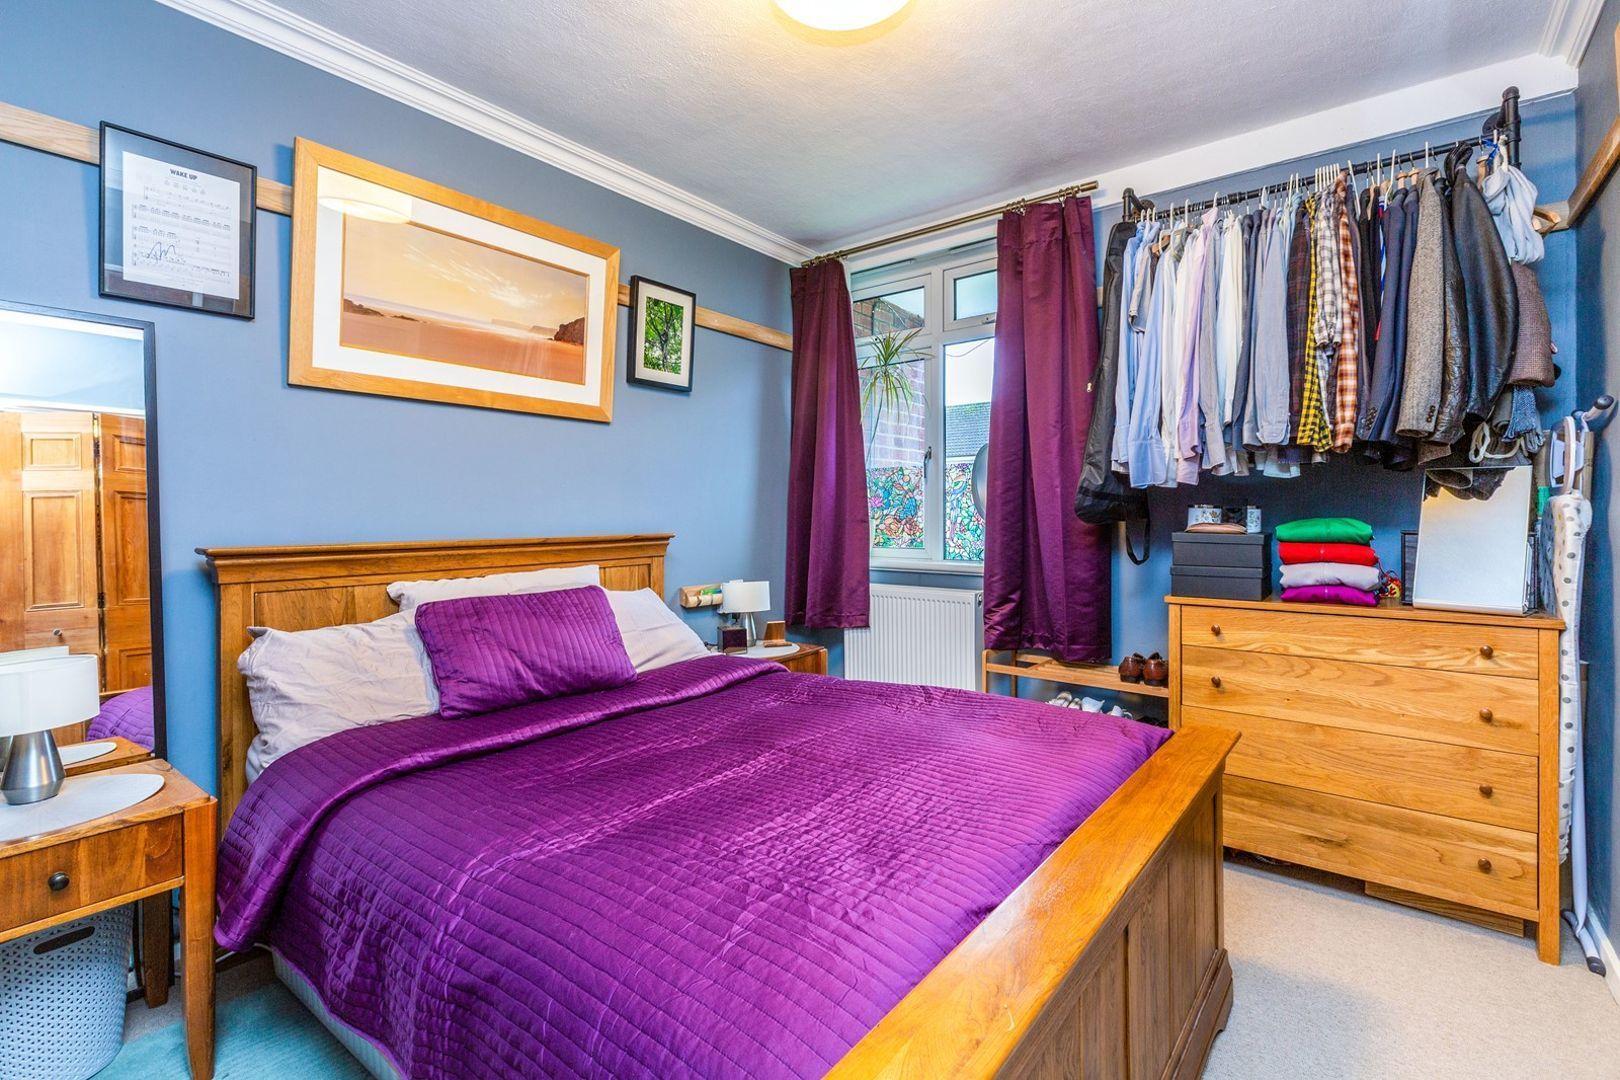 1 bedroom flat for sale, Charlesfield, London SE, SE9 4PP